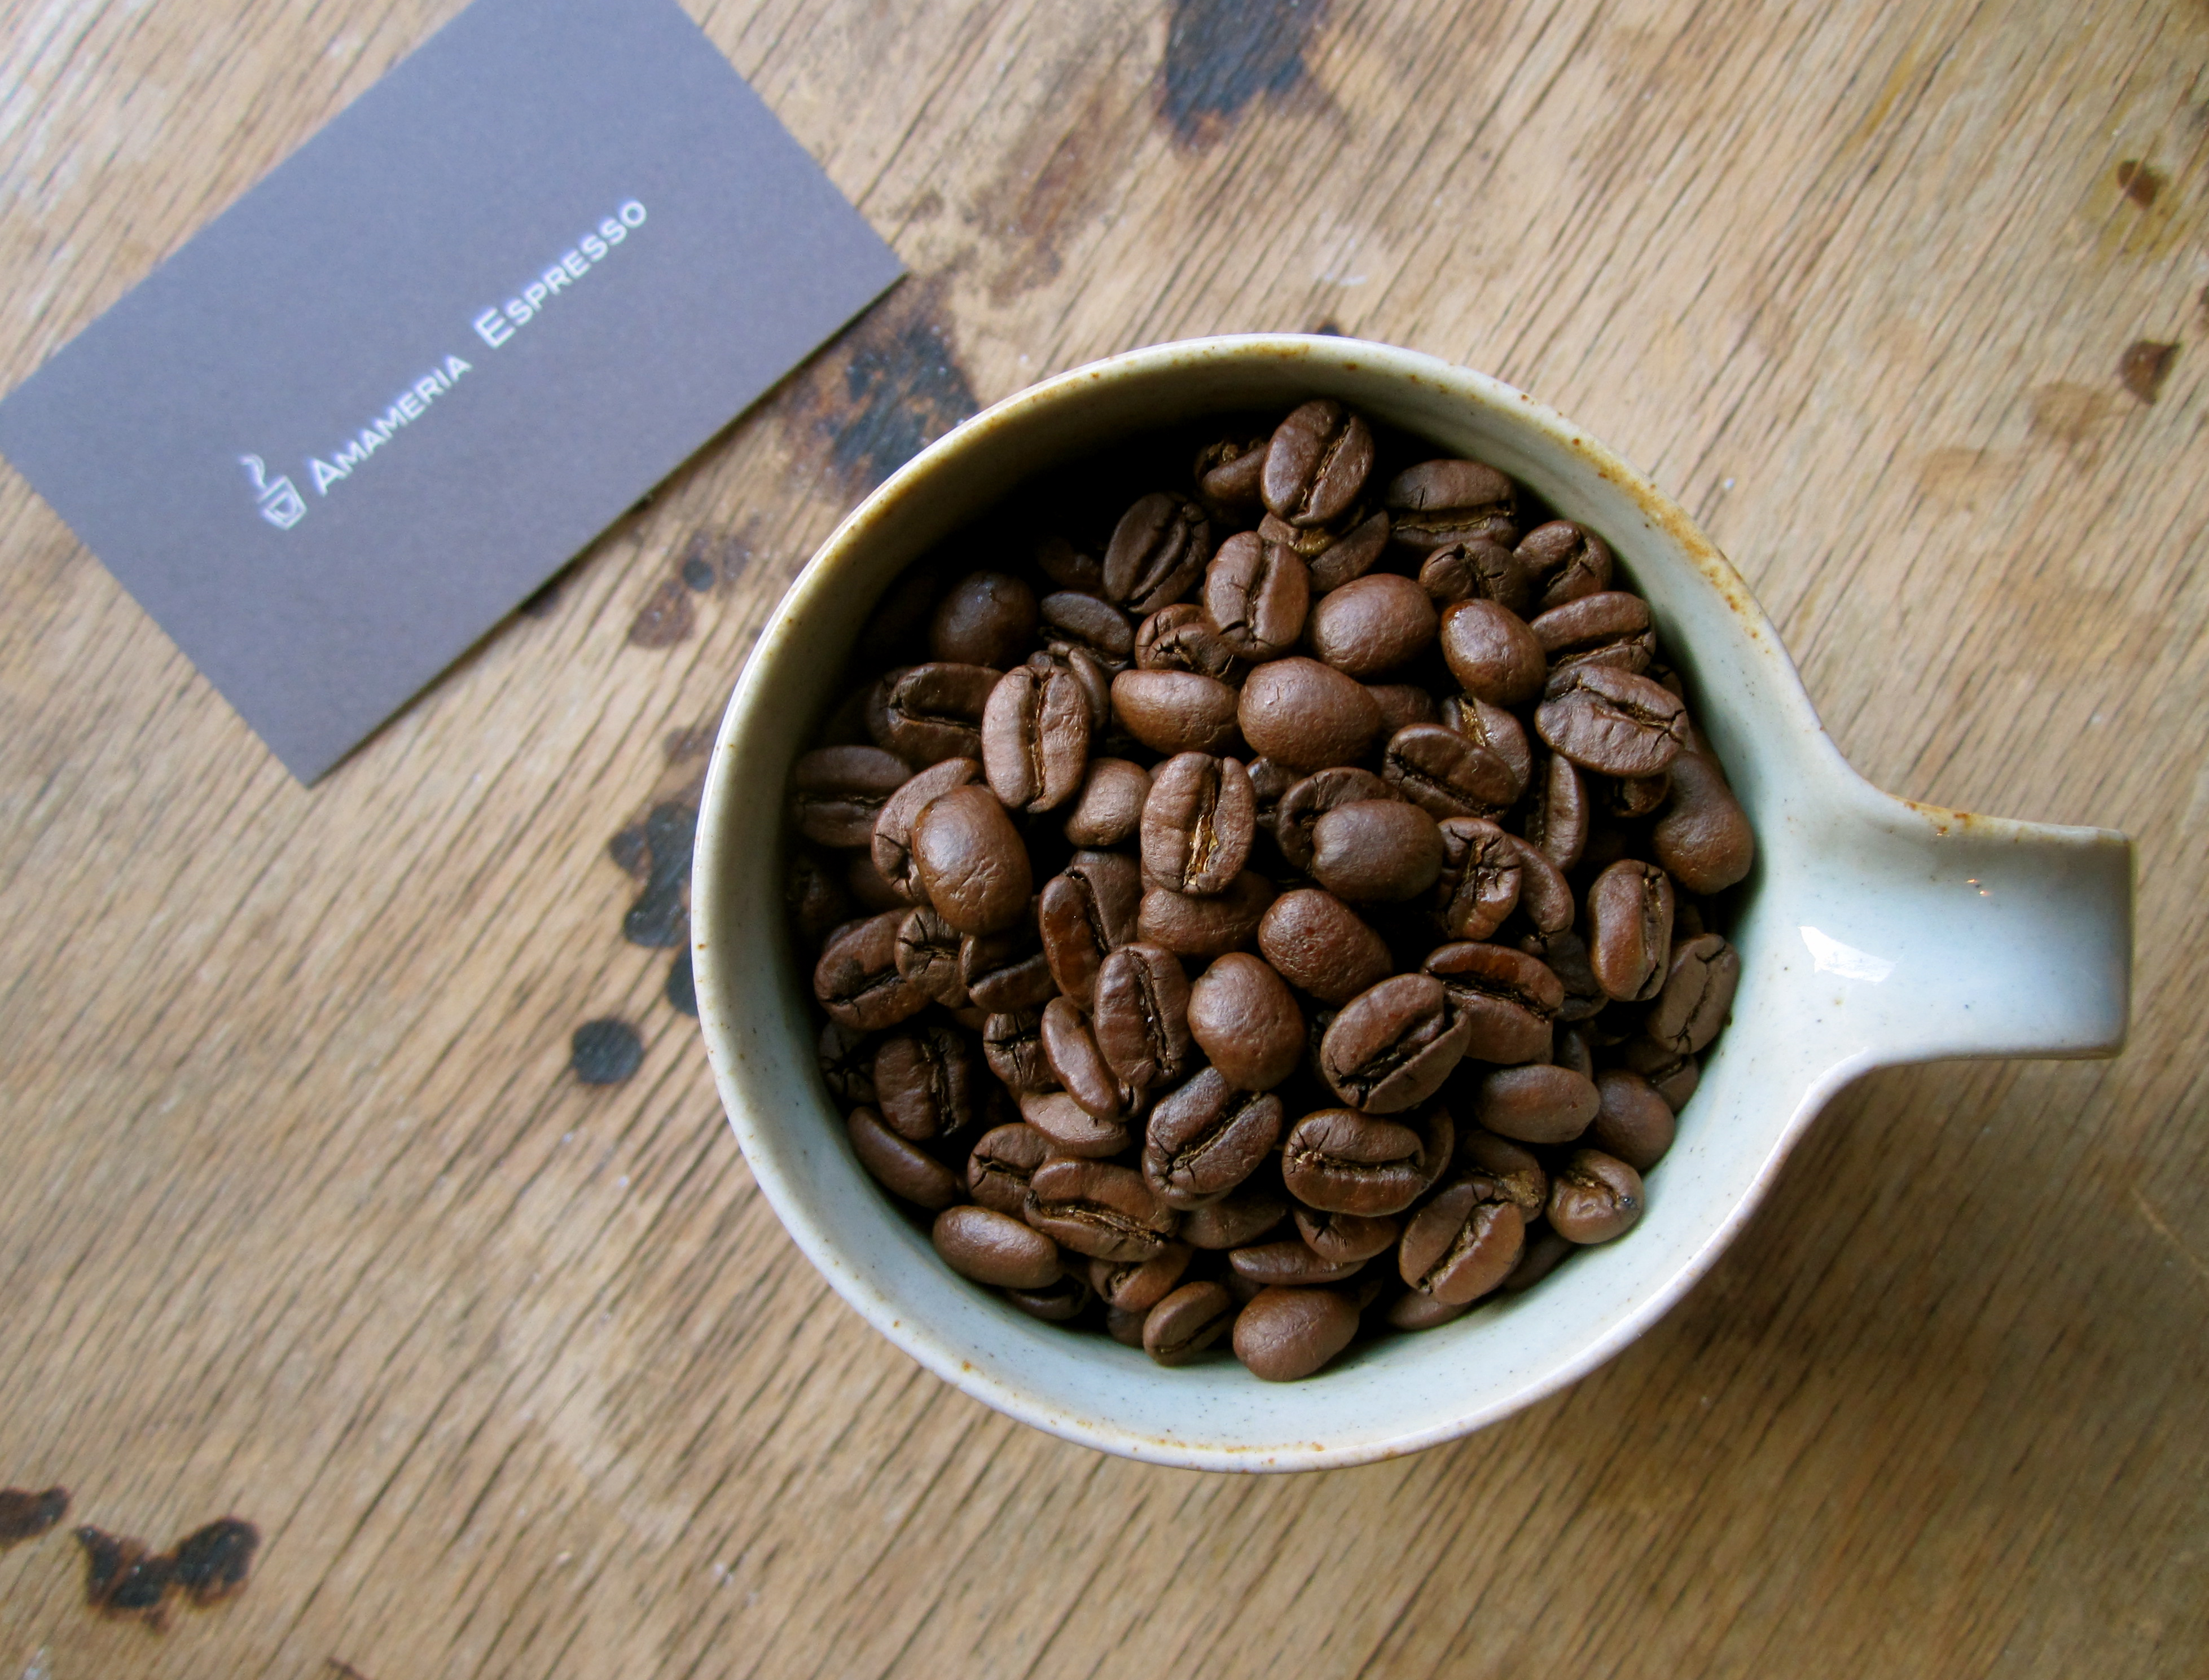 おいしいコーヒーをおうちで楽しむ!コーヒー豆の正しい保存方法!のサムネイル画像